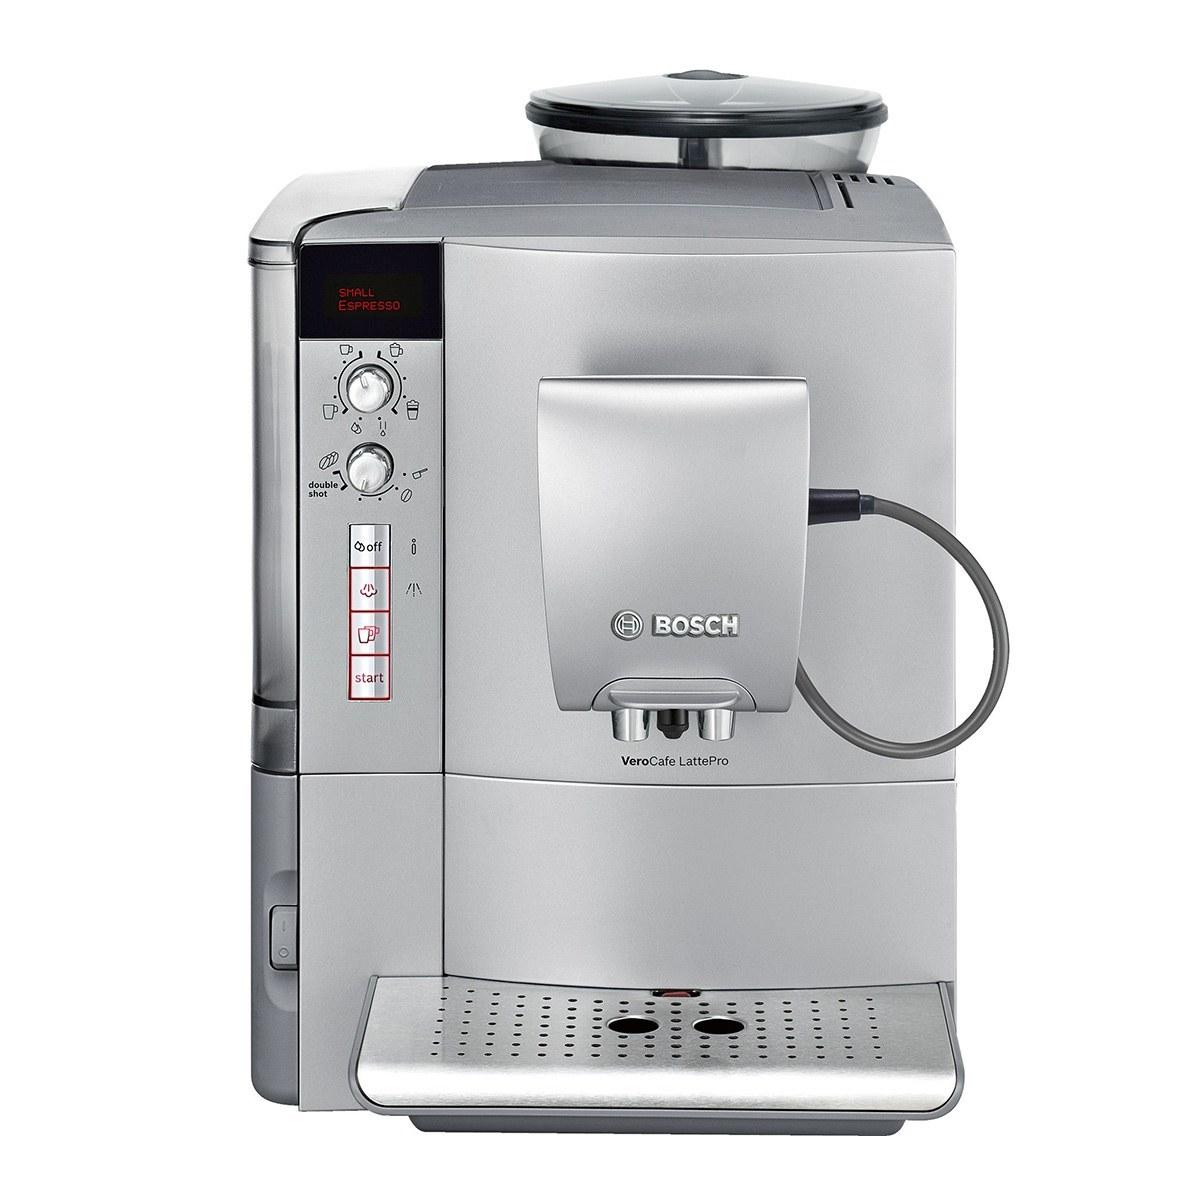 تصویر اسپرسوساز بوش مدل BOSCH VeroCafe LattePro TES51521RW